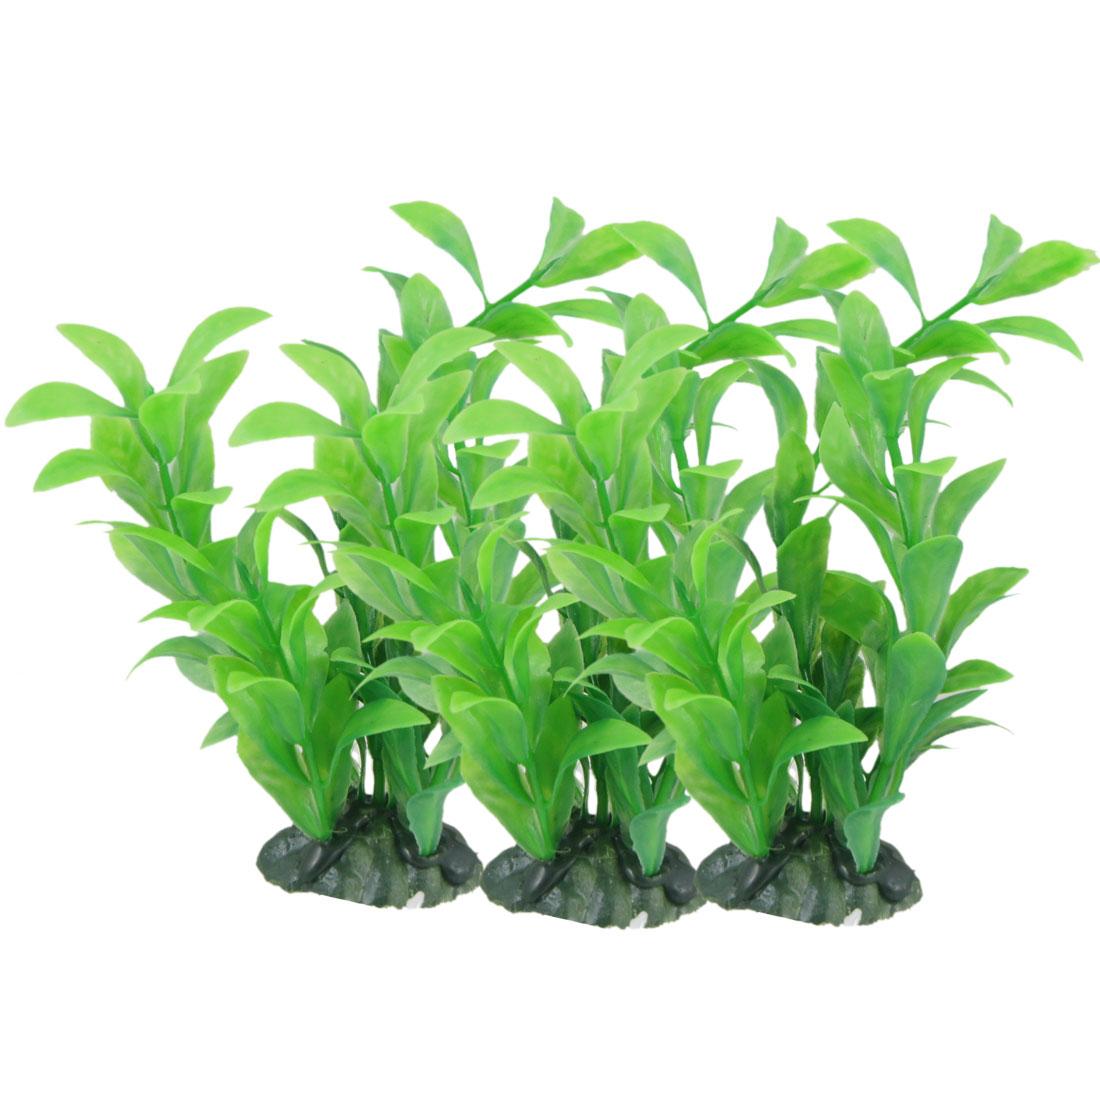 """3 x Ceramic Base Manmade Green Plastic Plant 5.9"""" for Aquarium Fish Tank"""